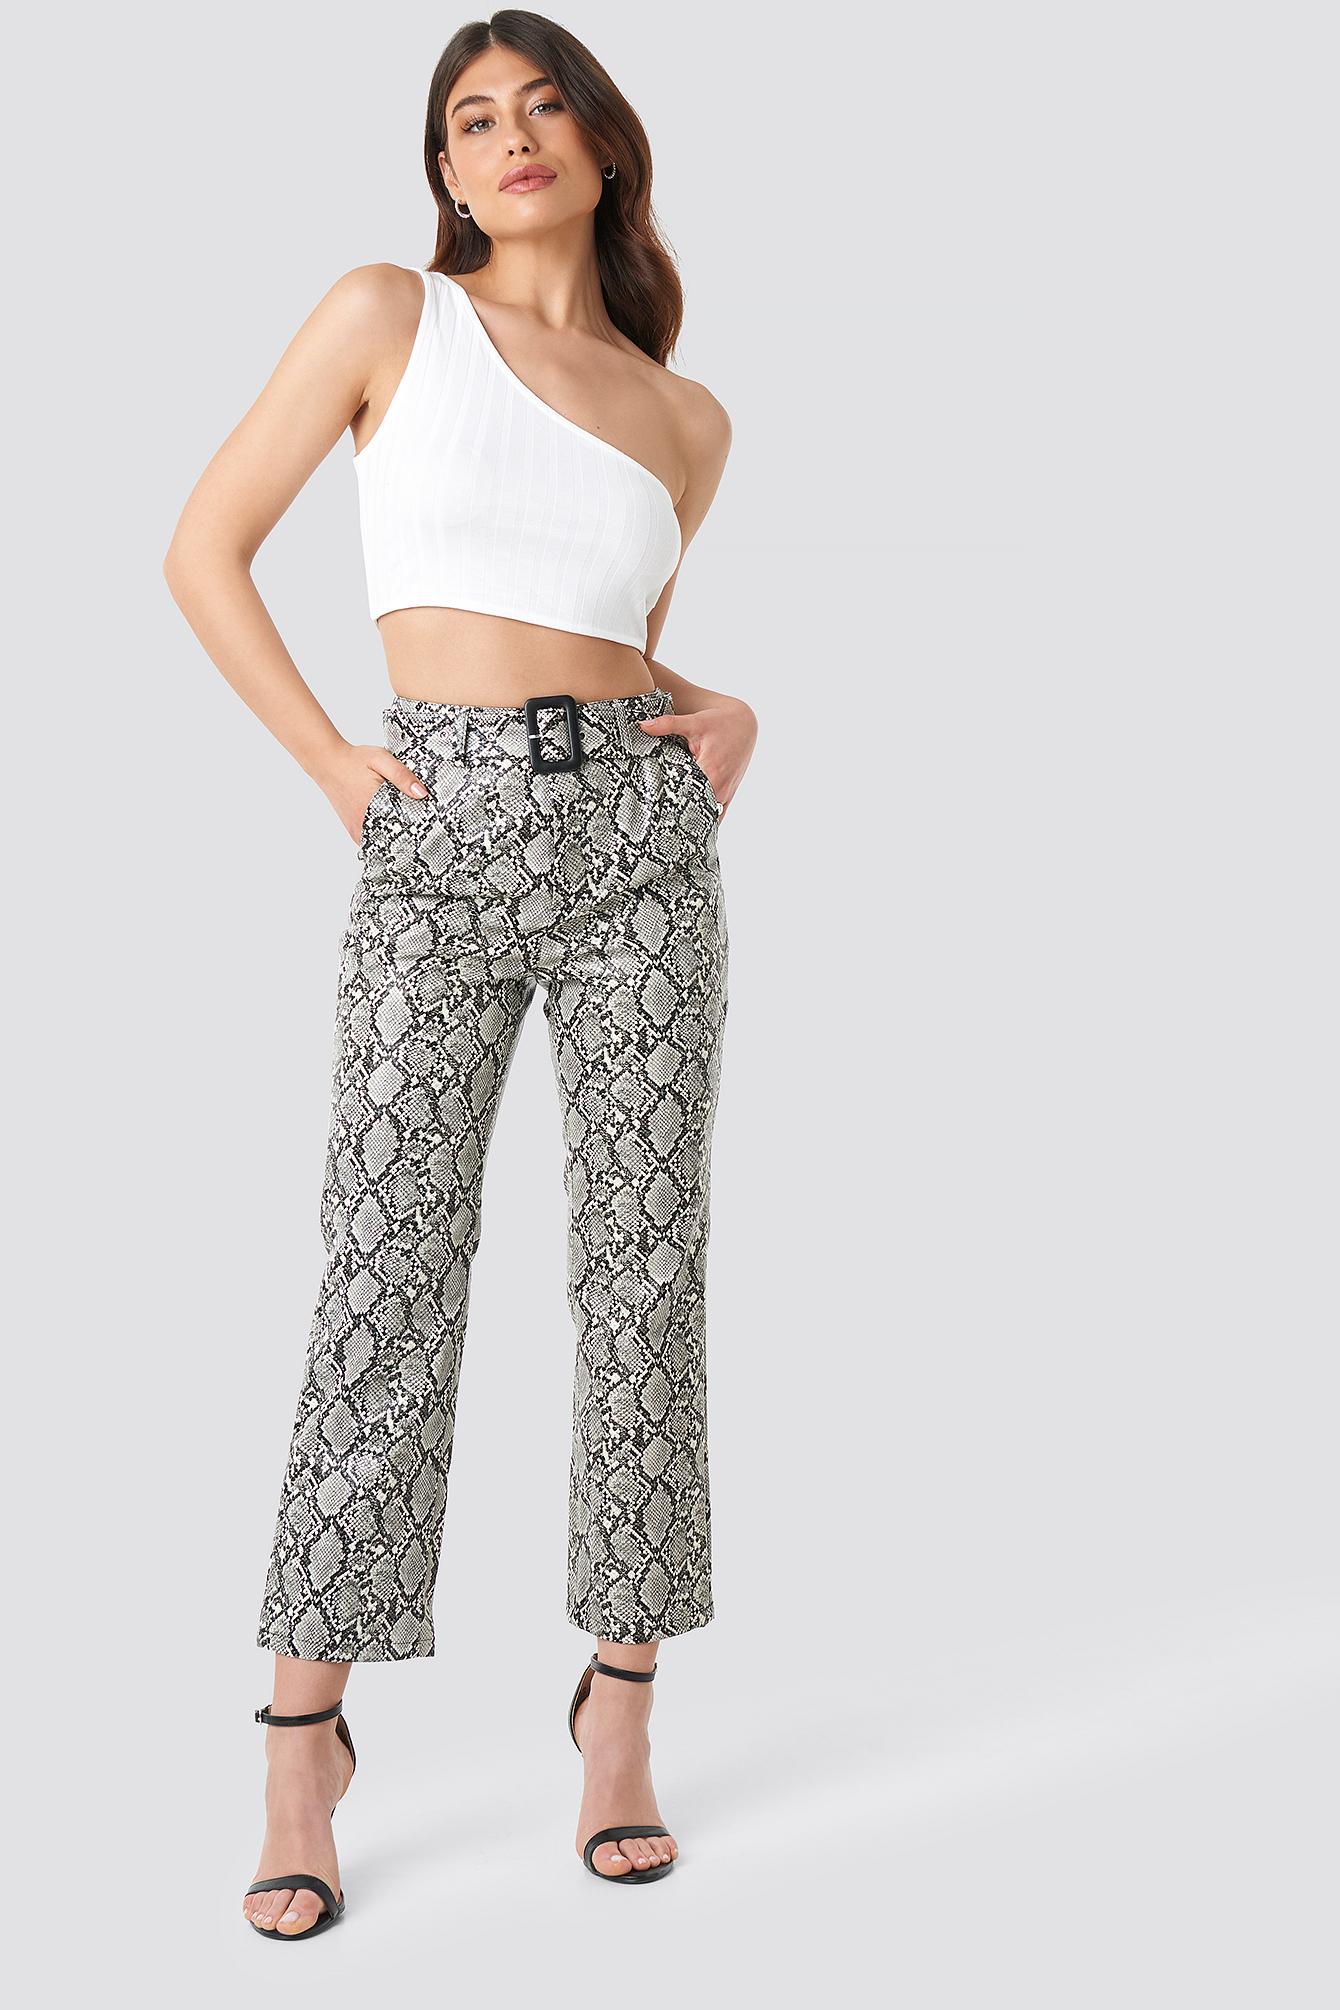 Snake Printed Cropped PU Pants NA-KD.COM